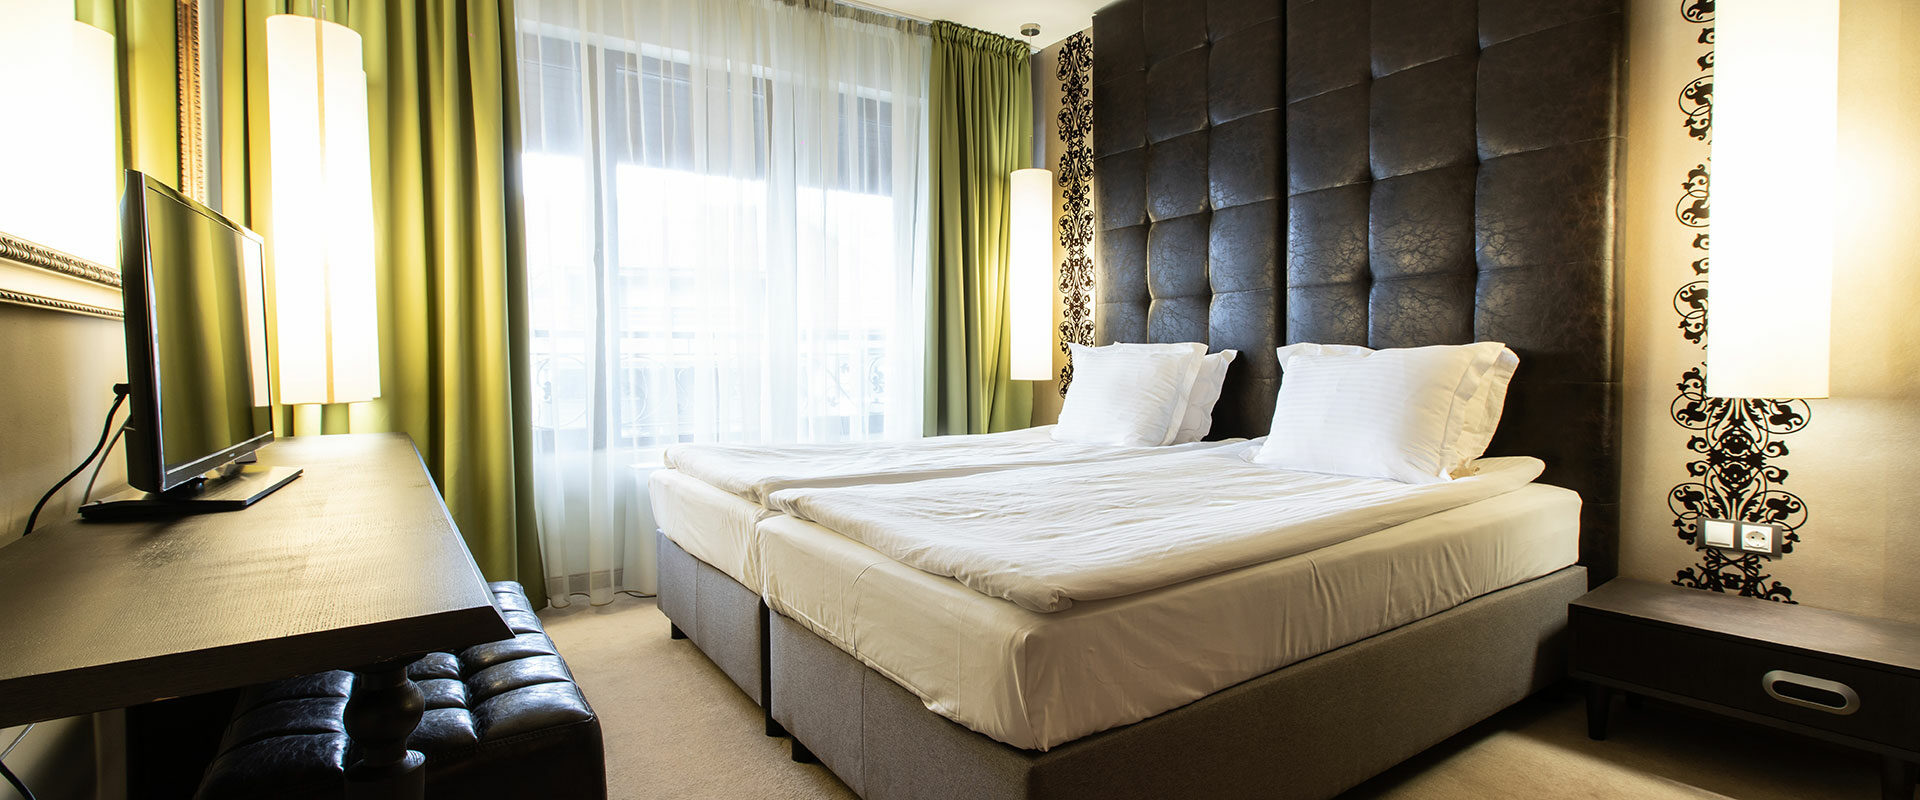 Διαμέρισμα 1 υπνοδωματίου